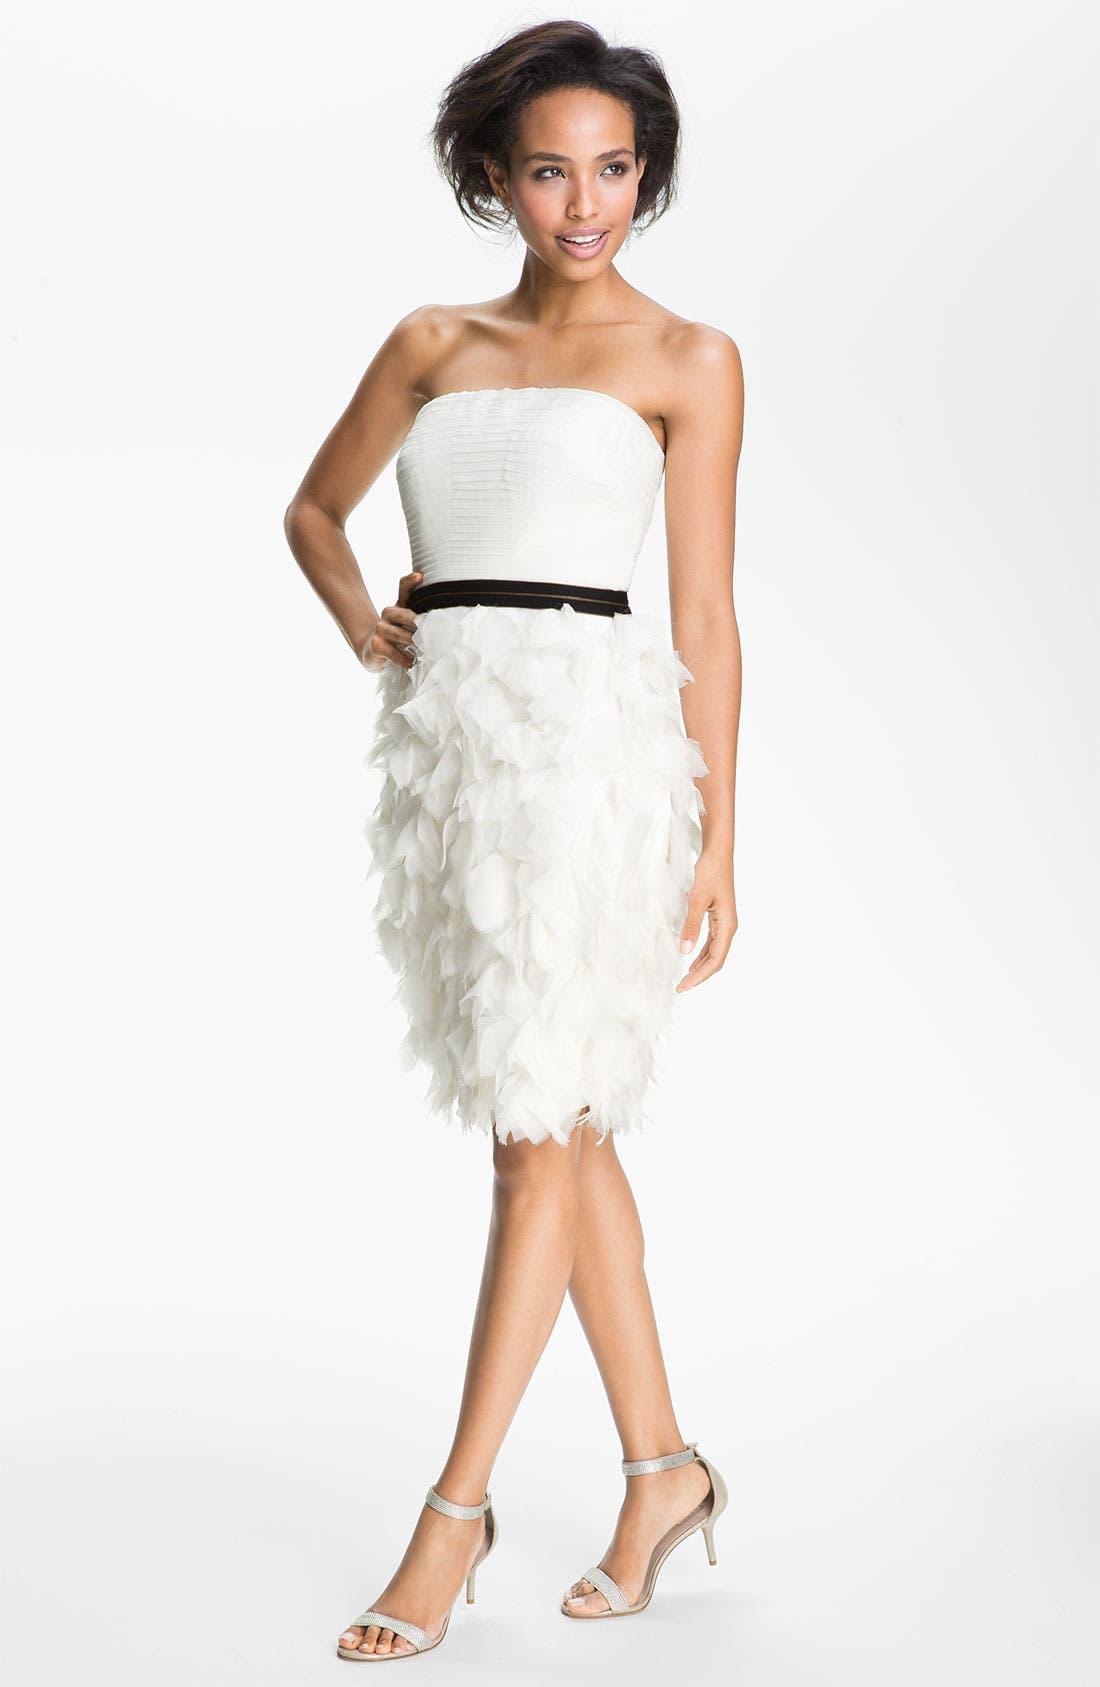 Main Image - Tadashi Shoji Strapless Ruffle Skirt Silk Chiffon Dress